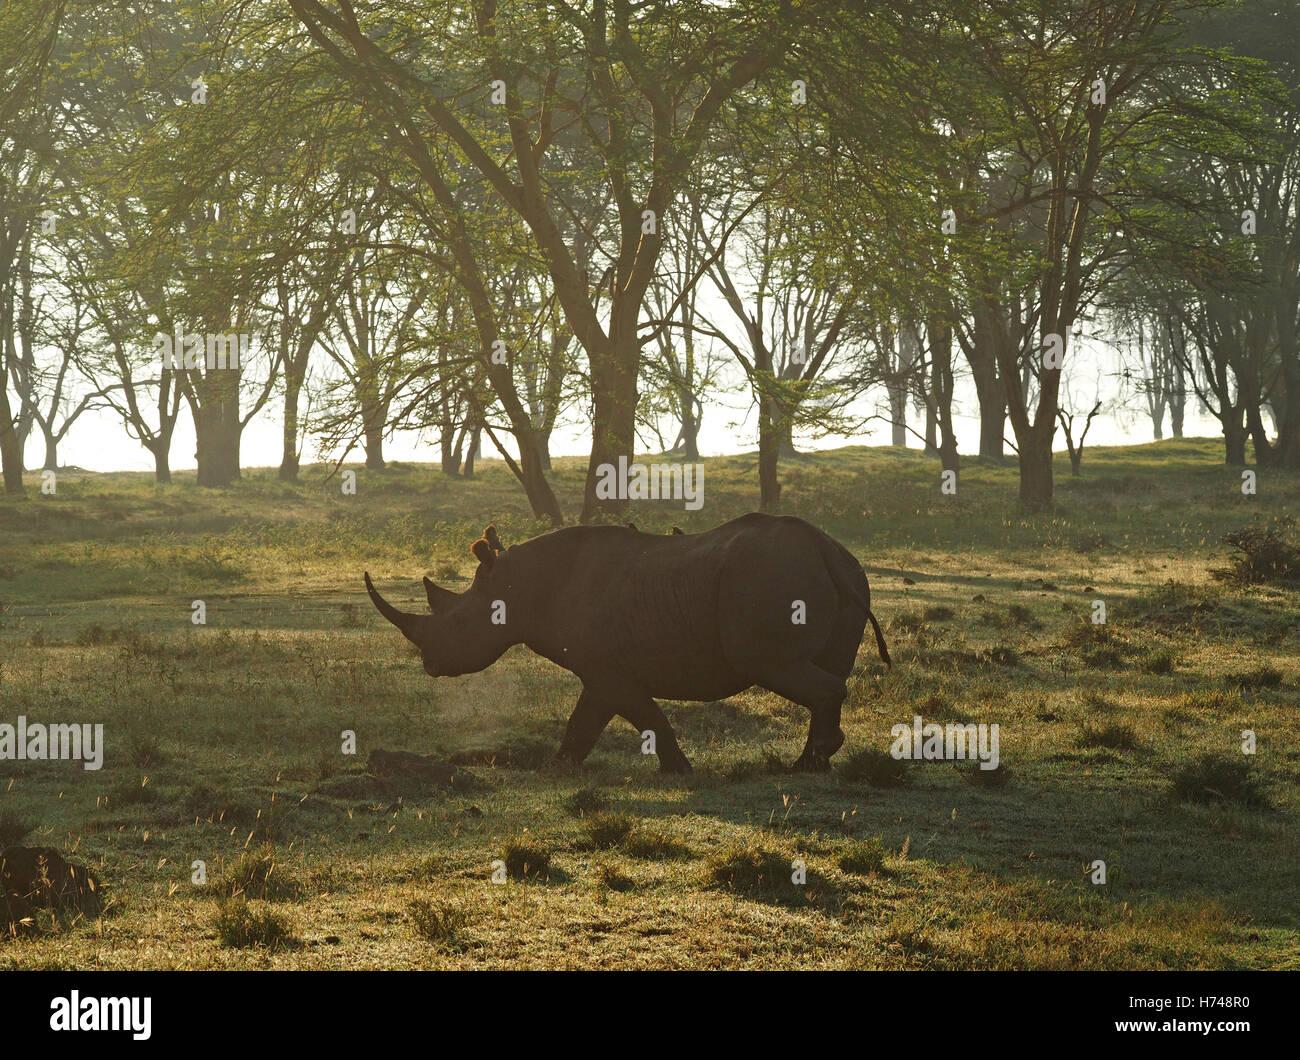 critically endangered black rhino (Diceros bicornis) steaming in soft morning light in lake shore woodland Kenya - Stock Image